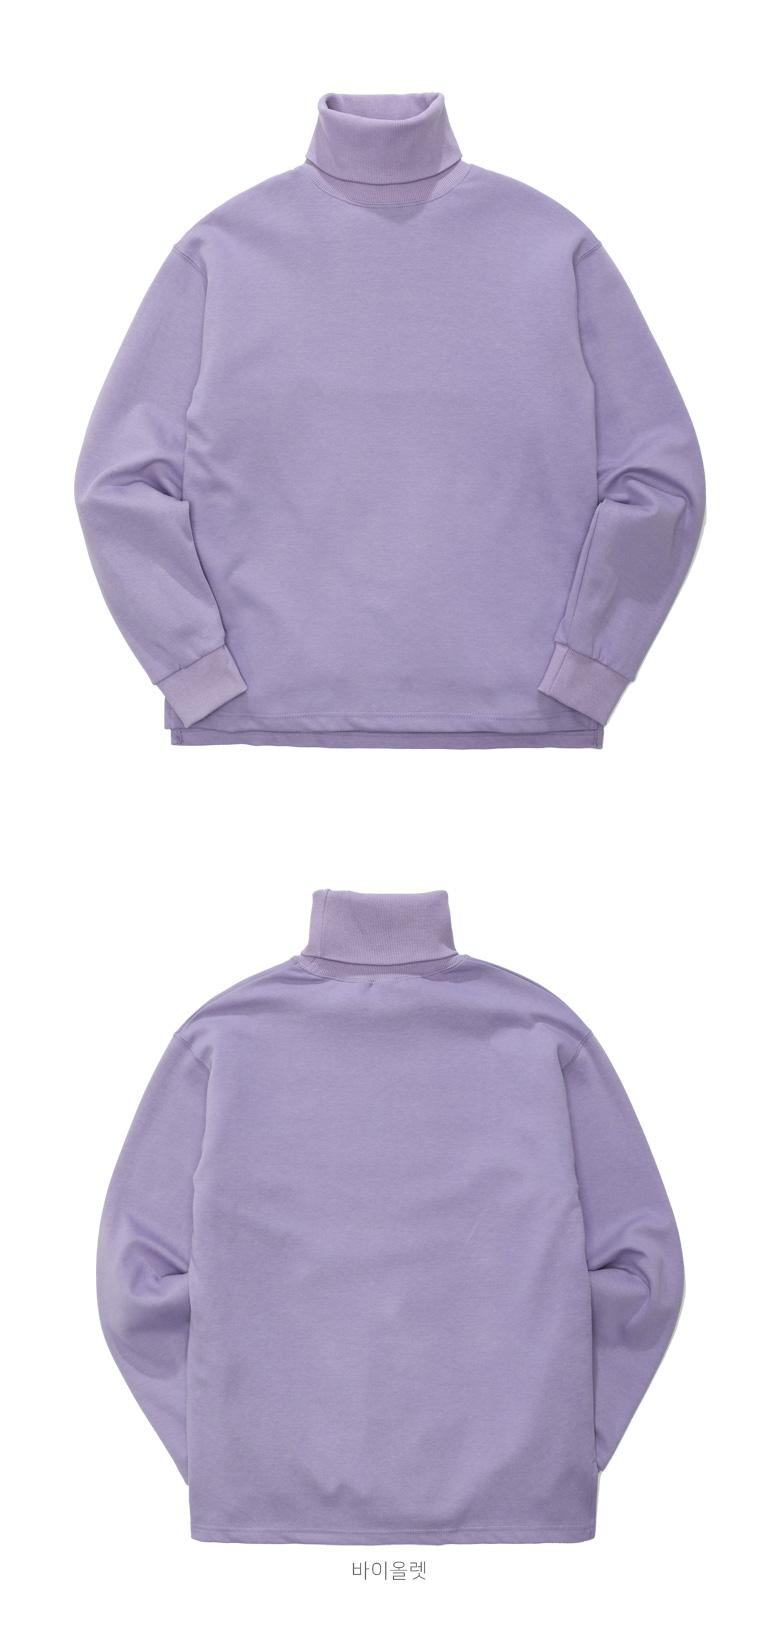 20191021_ez_allday_detail_violet_ym_01.jpg